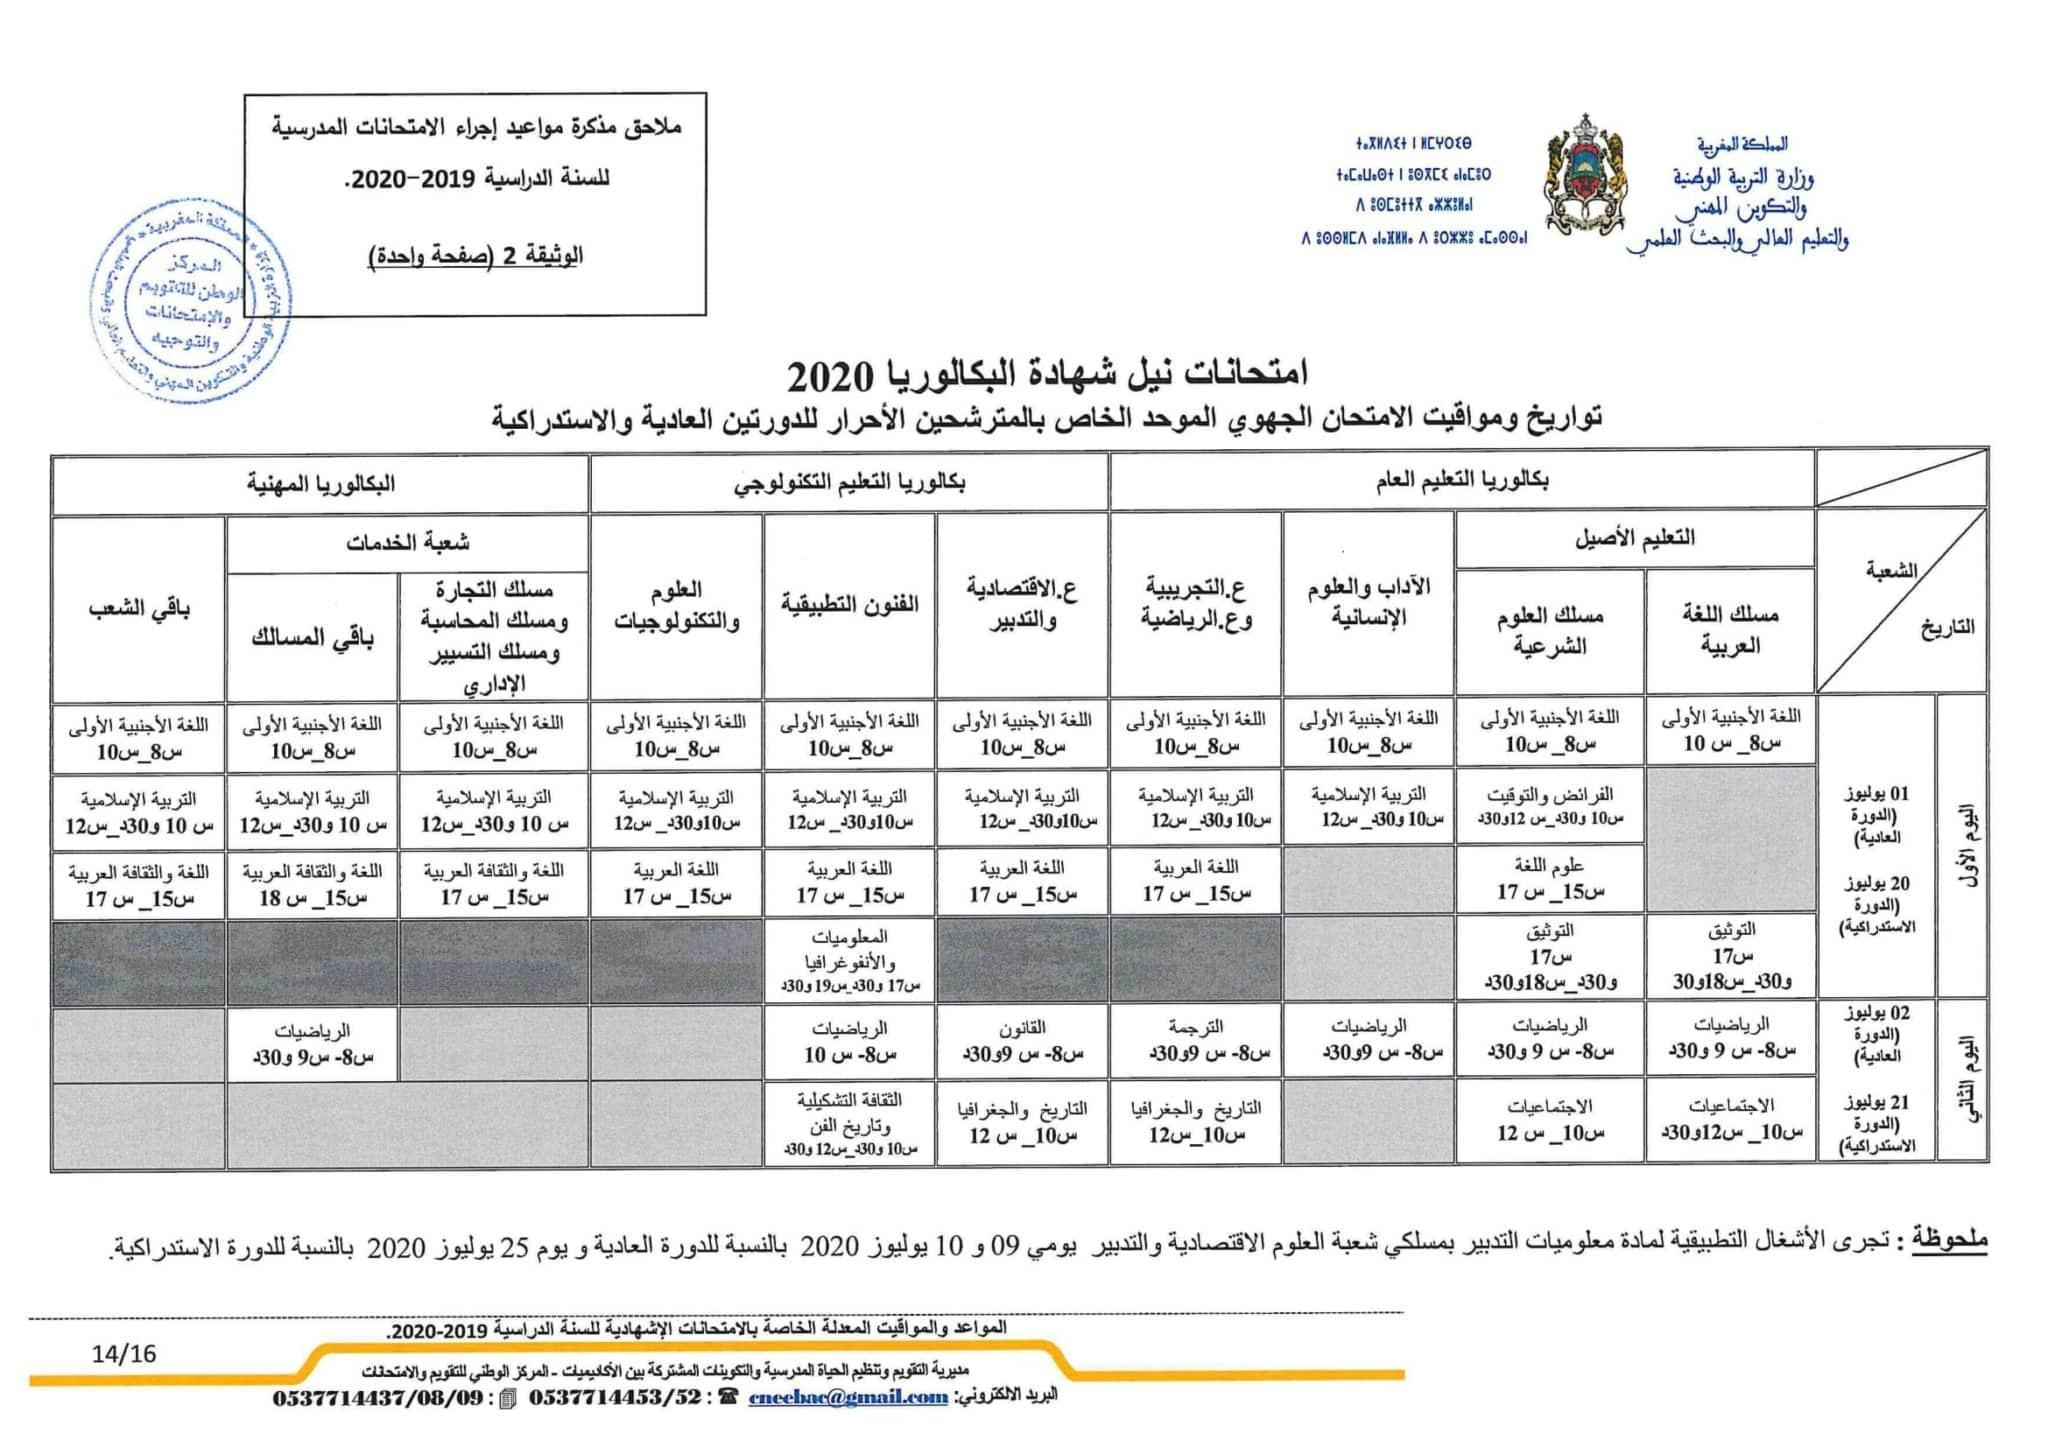 تاريخ اجتياز الامتحان الوطني والجهوي الأحرار 2020